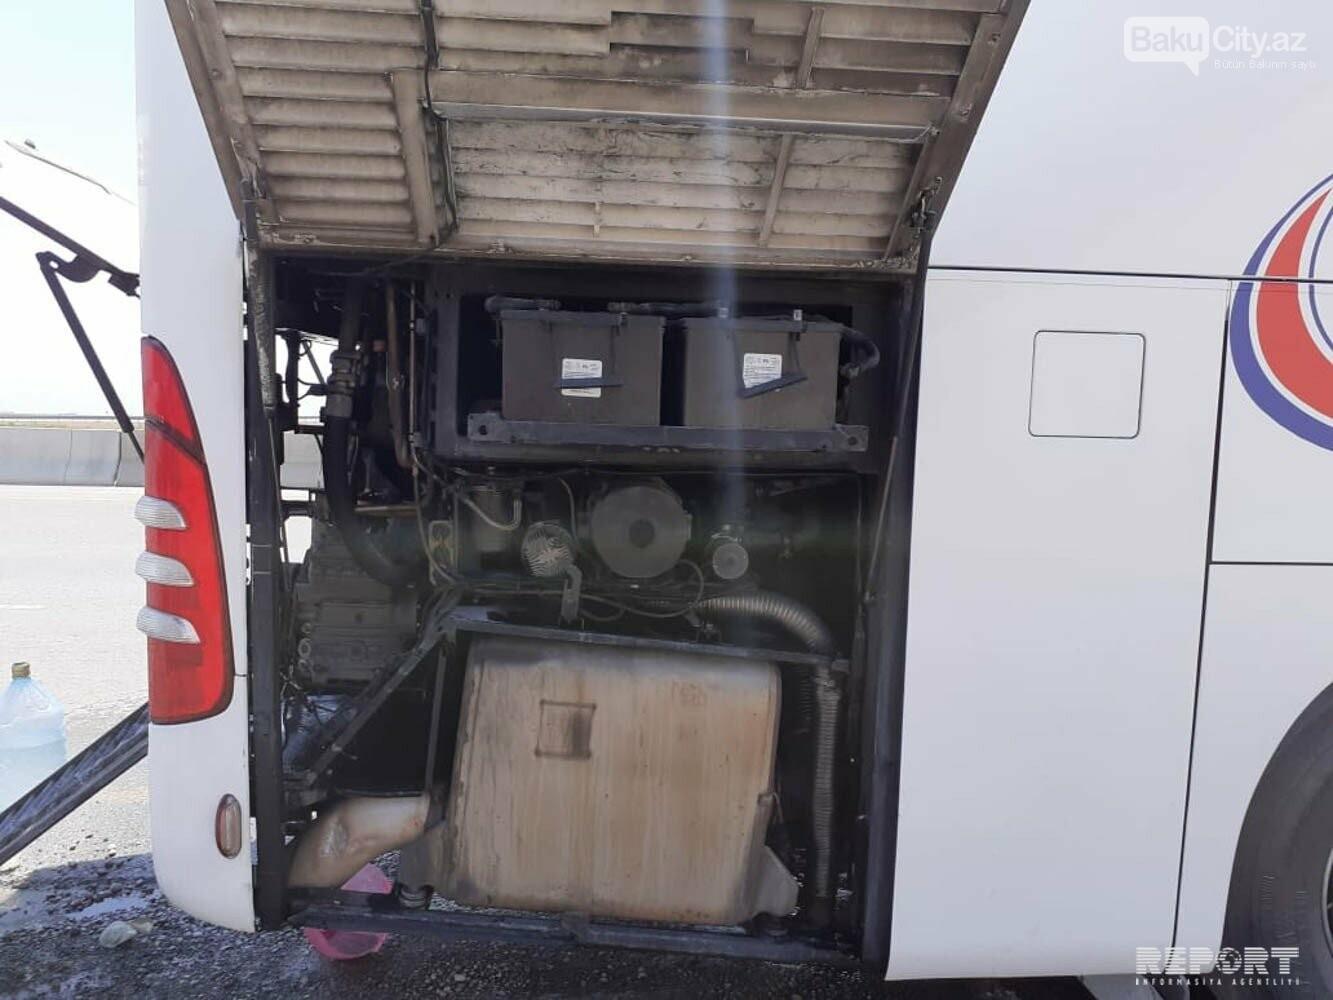 Bakı-İstanbul sərnişin avtobusunda yanğın olub - FOTO, fotoşəkil-1